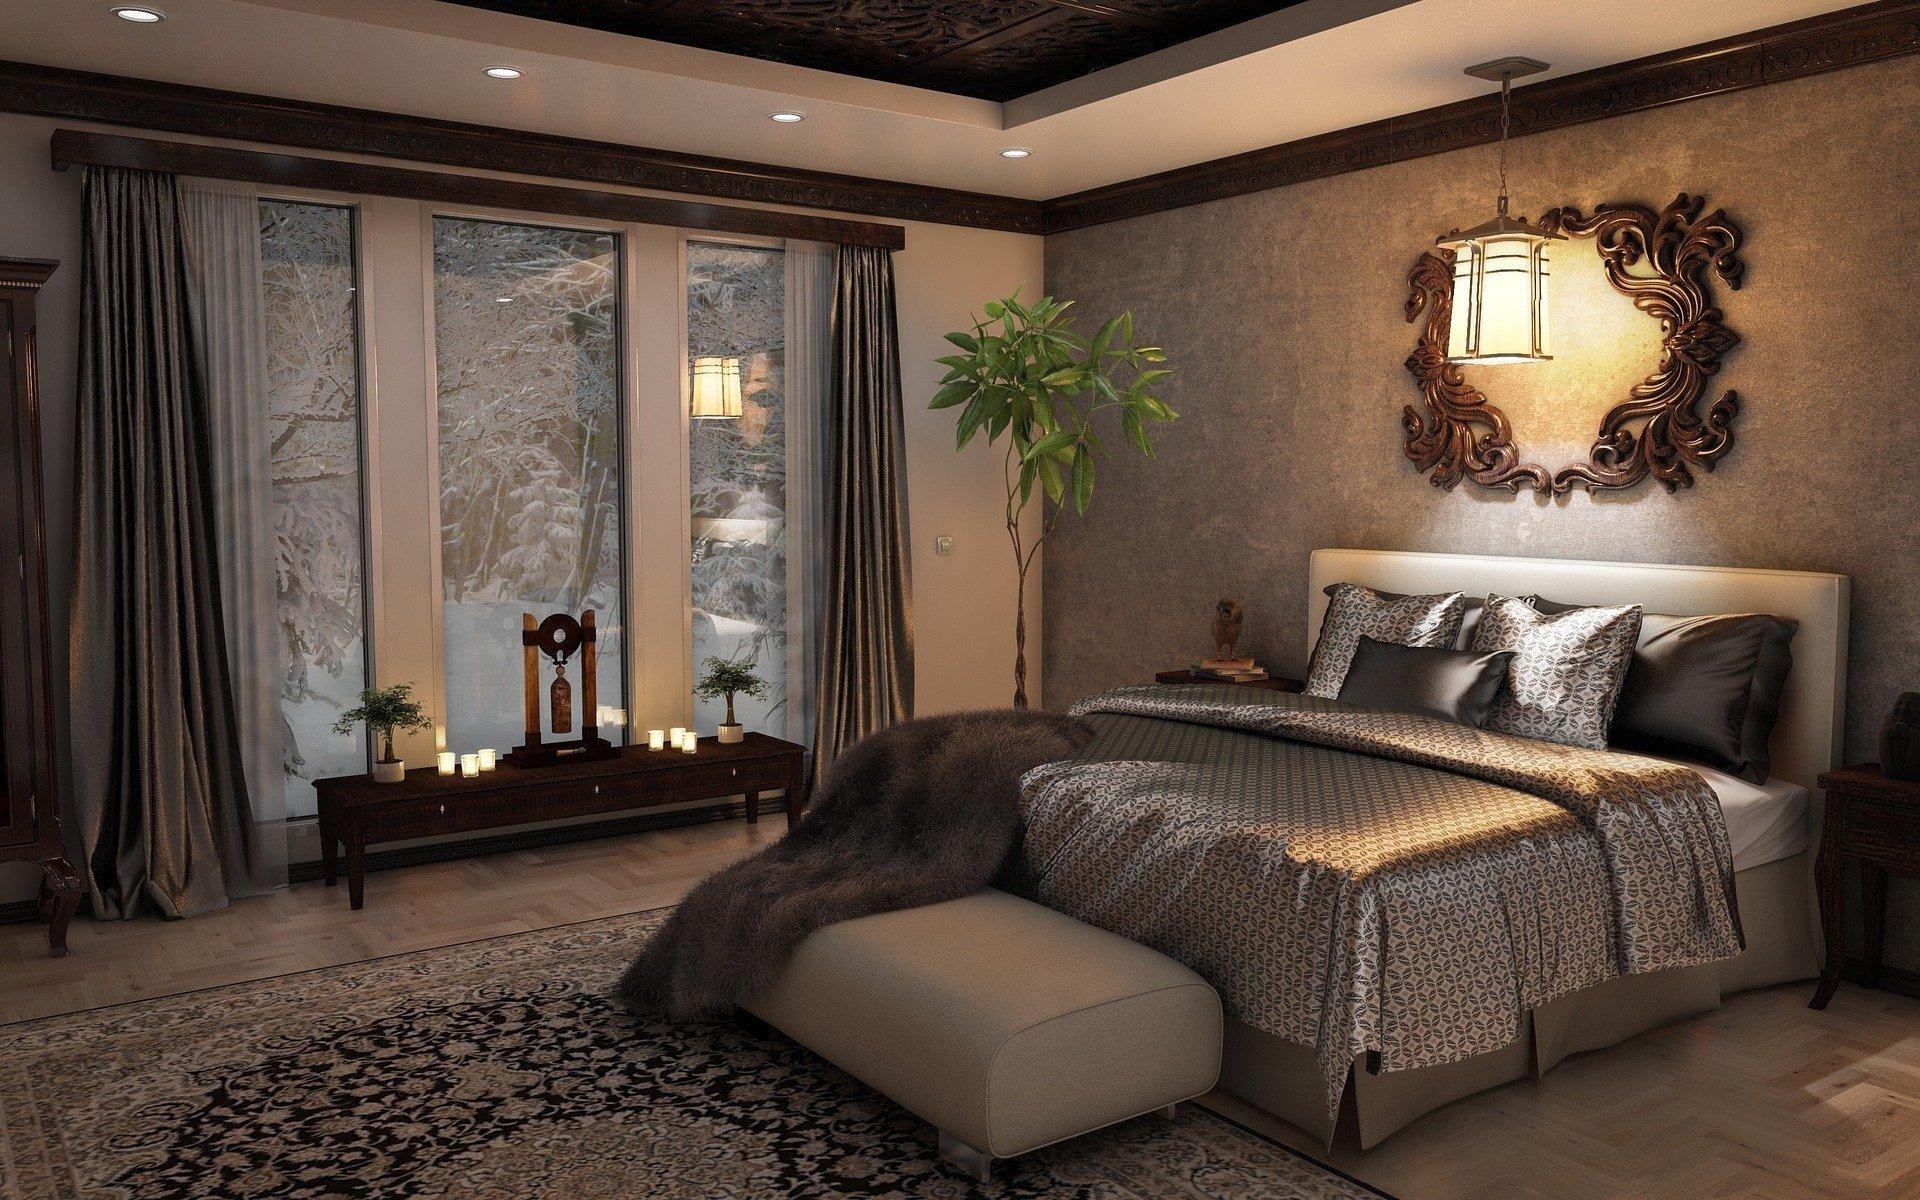 Das sind die wichtigsten Trends für Schlafzimmer Design im Jahr 2021